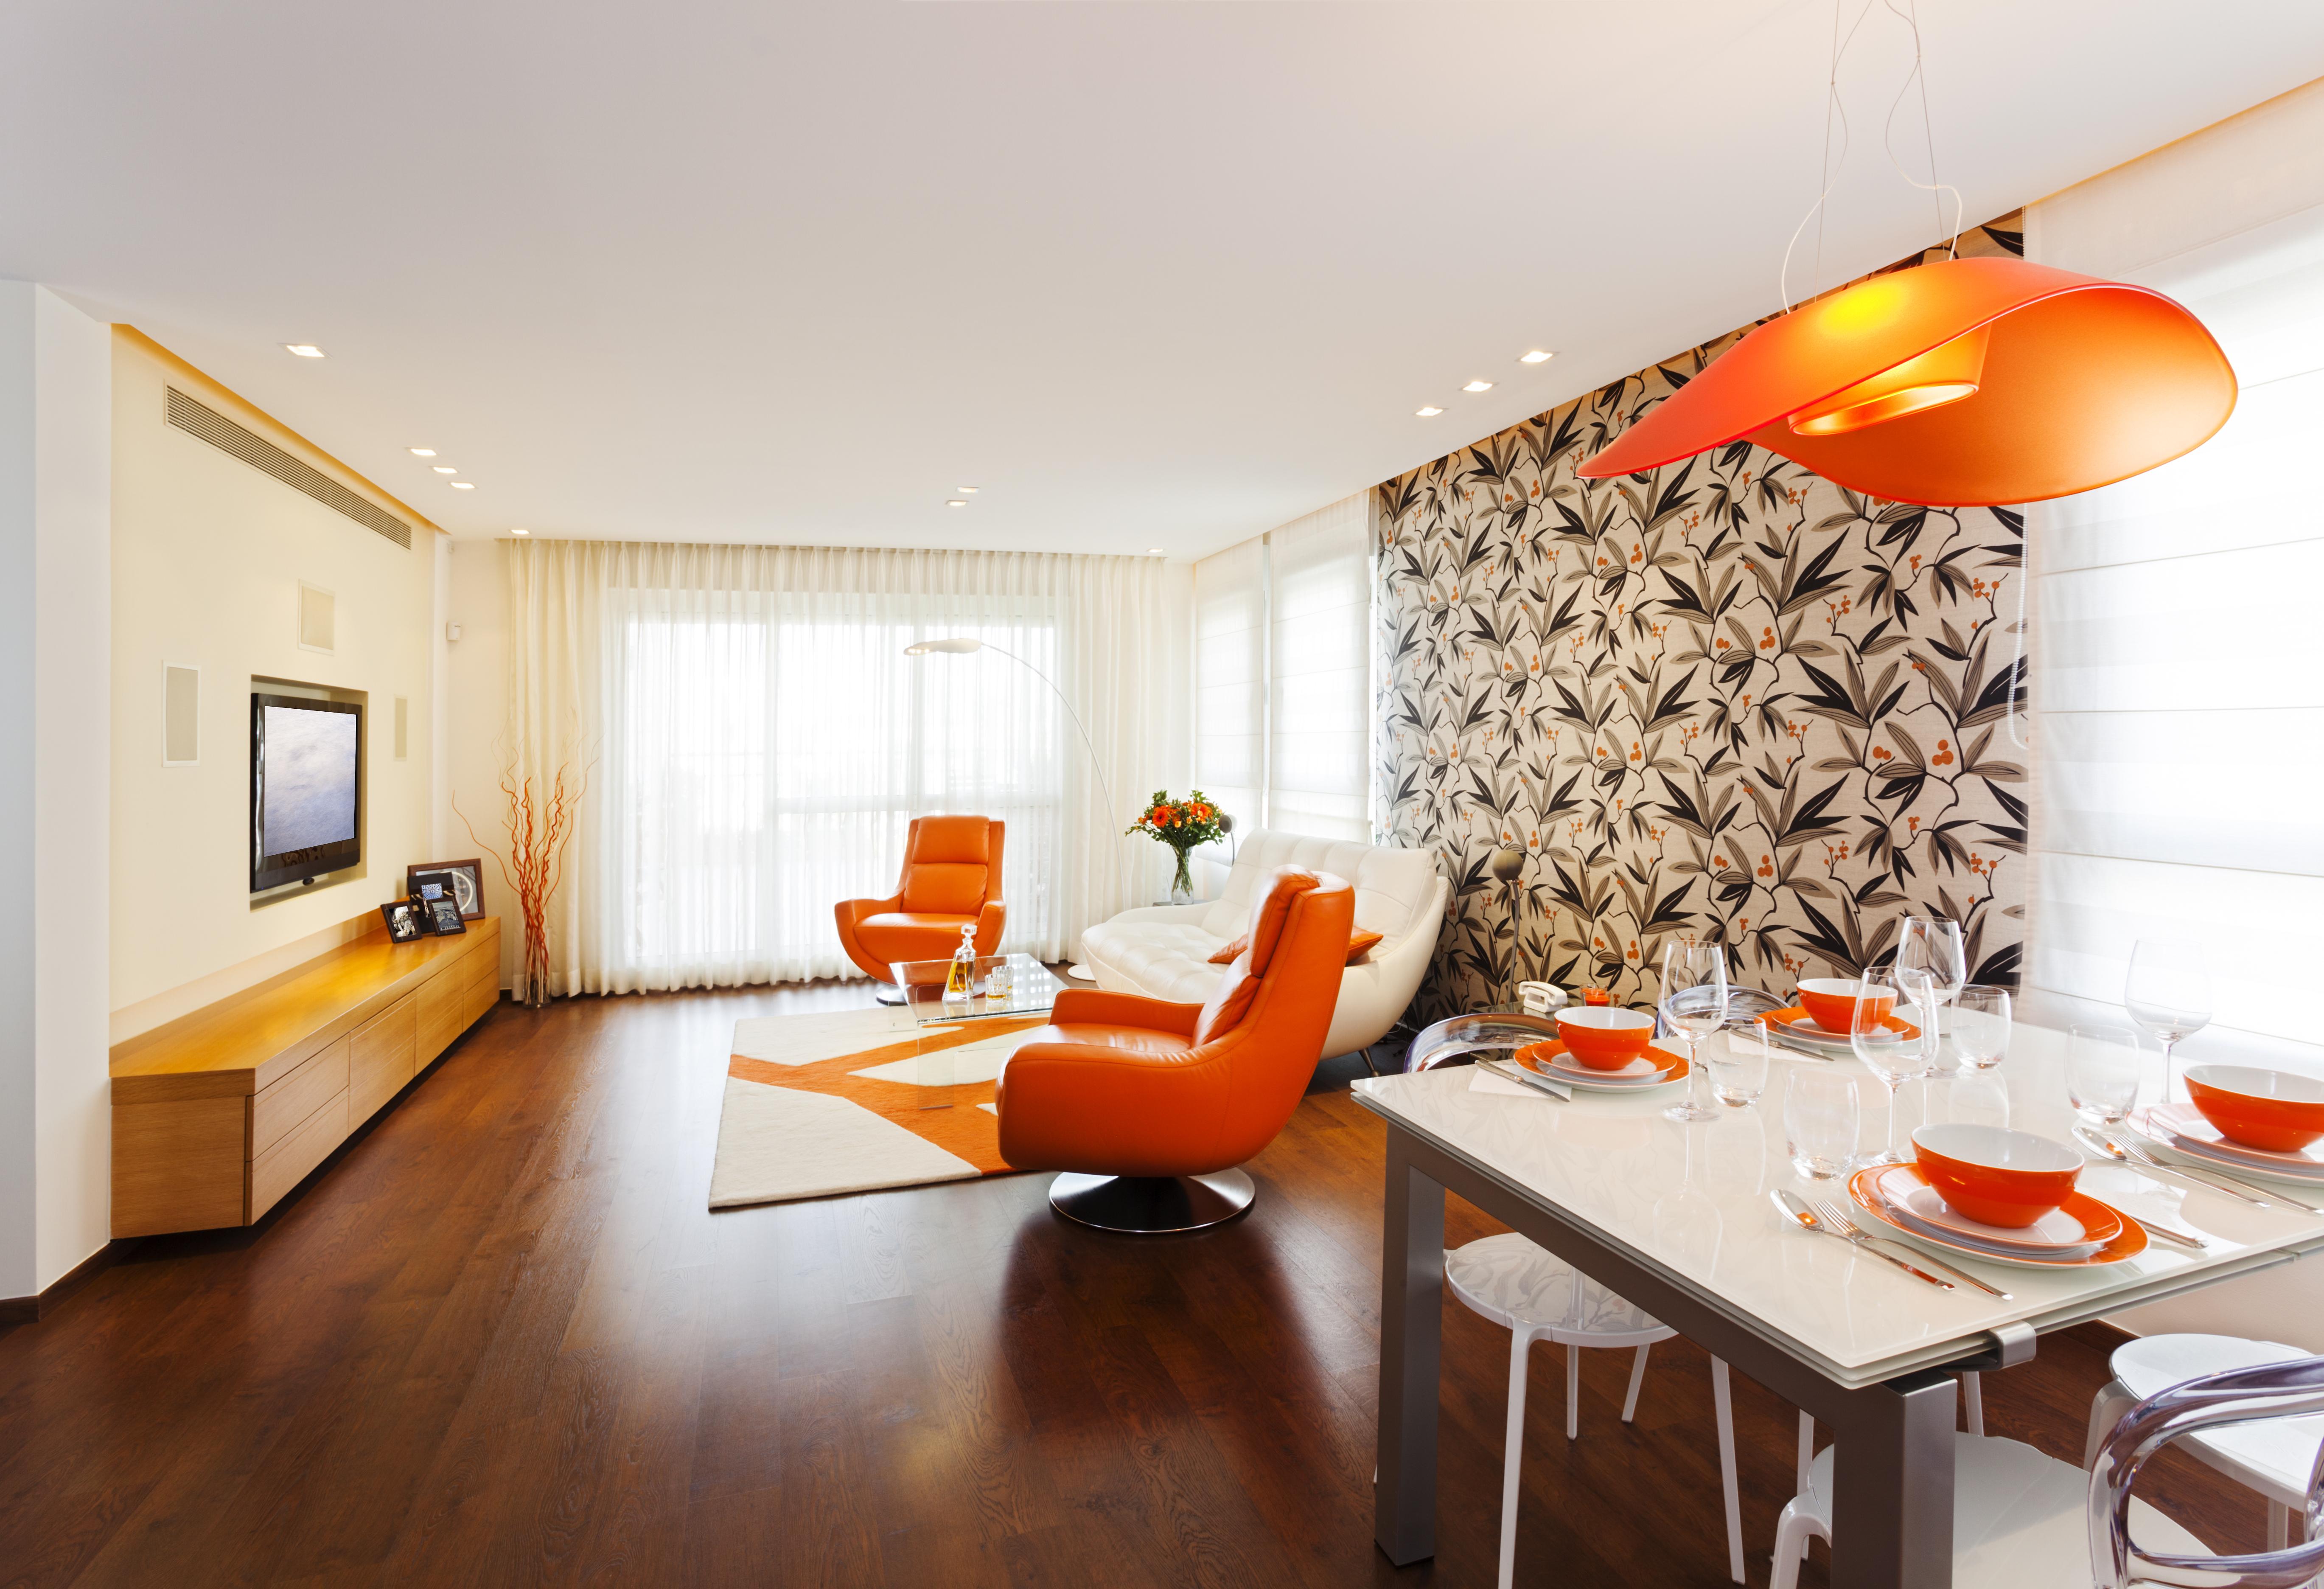 Leuk Behang Slaapkamer : Retrobehang als originele muurdecoratie » woning & slaapkamer meubels